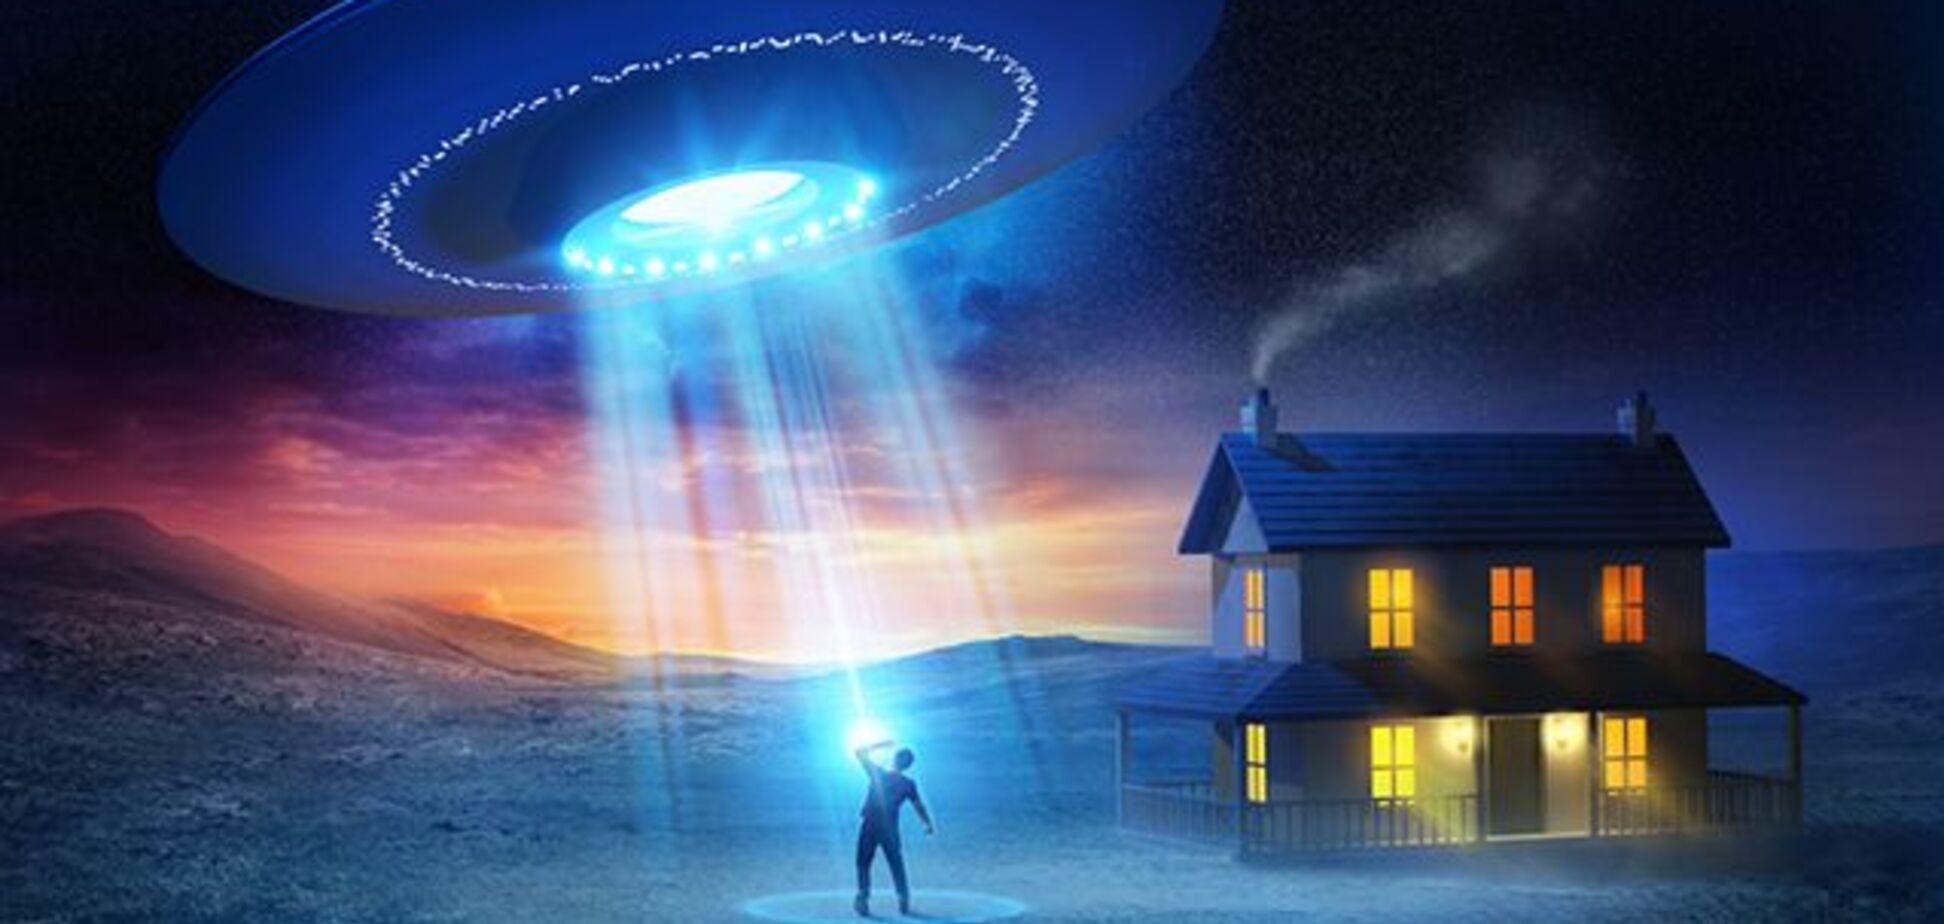 З'ясувалася справжня природа НЛО: секрет розкритий